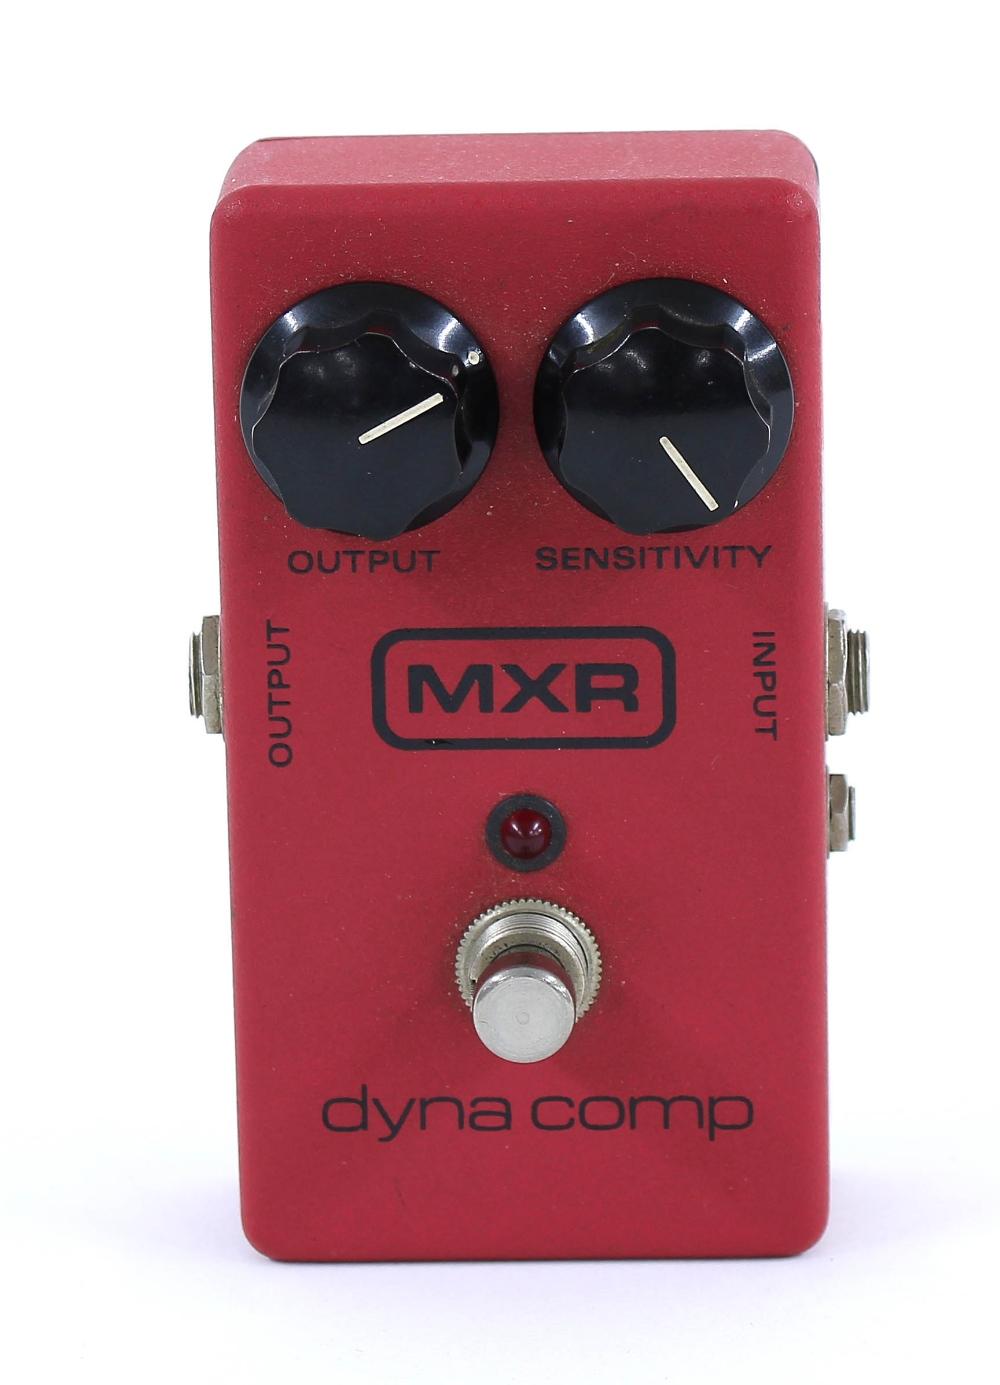 MXR Dyna Comp compressor guitar pedal